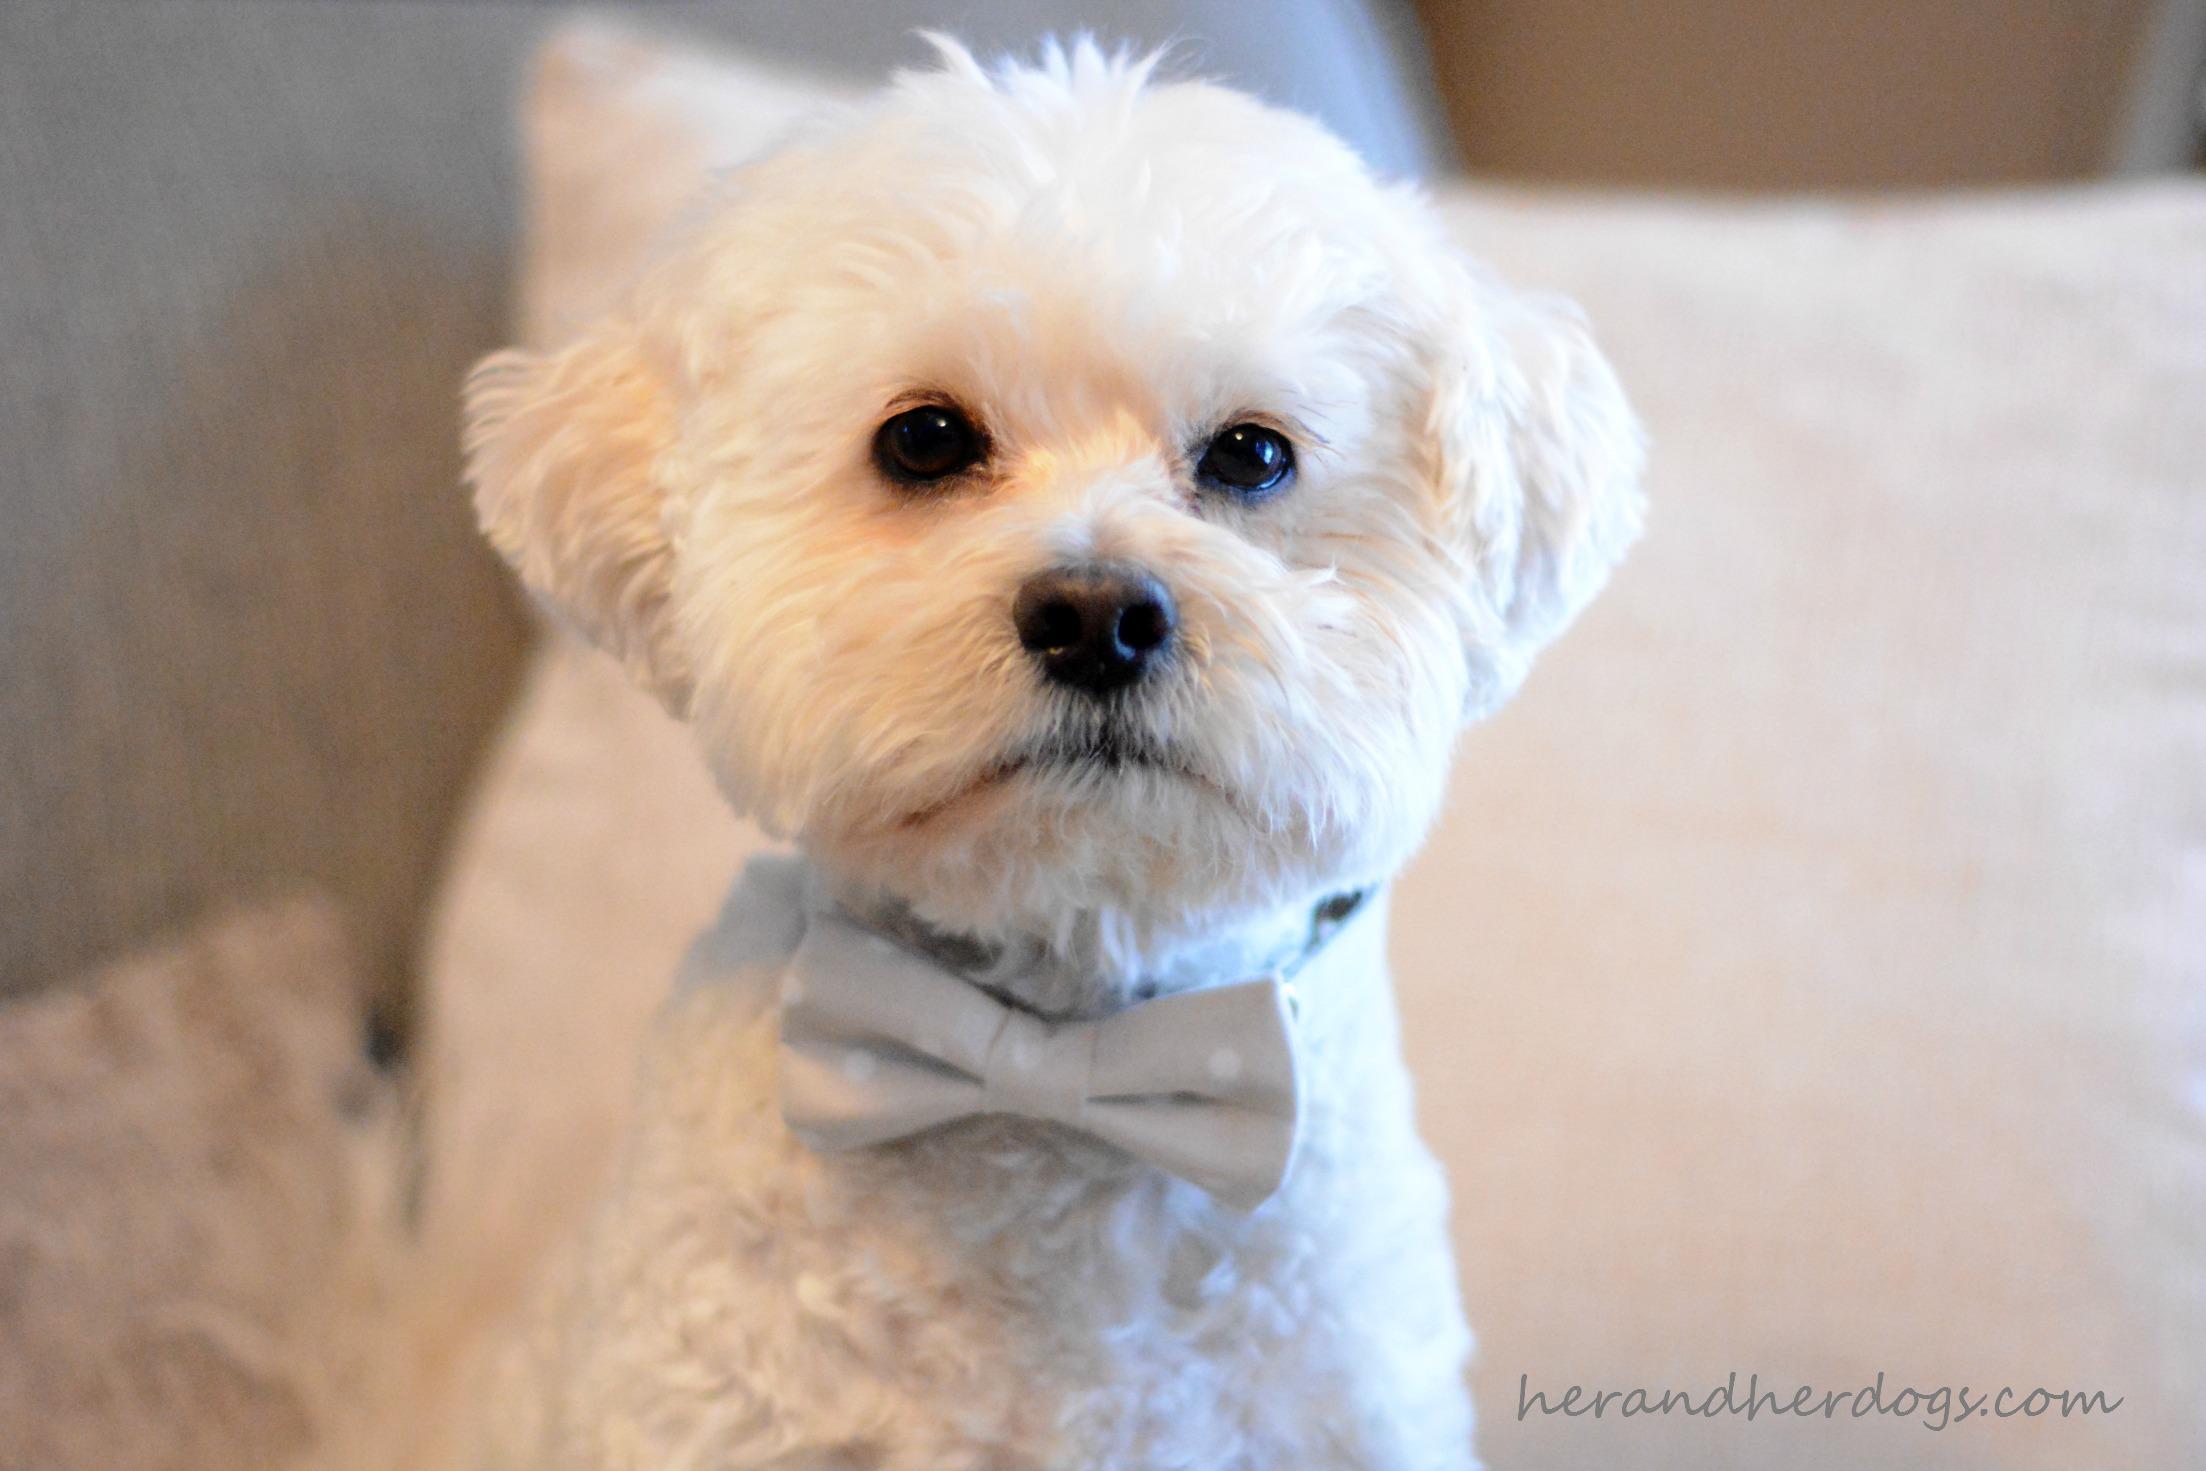 Handsome Henry